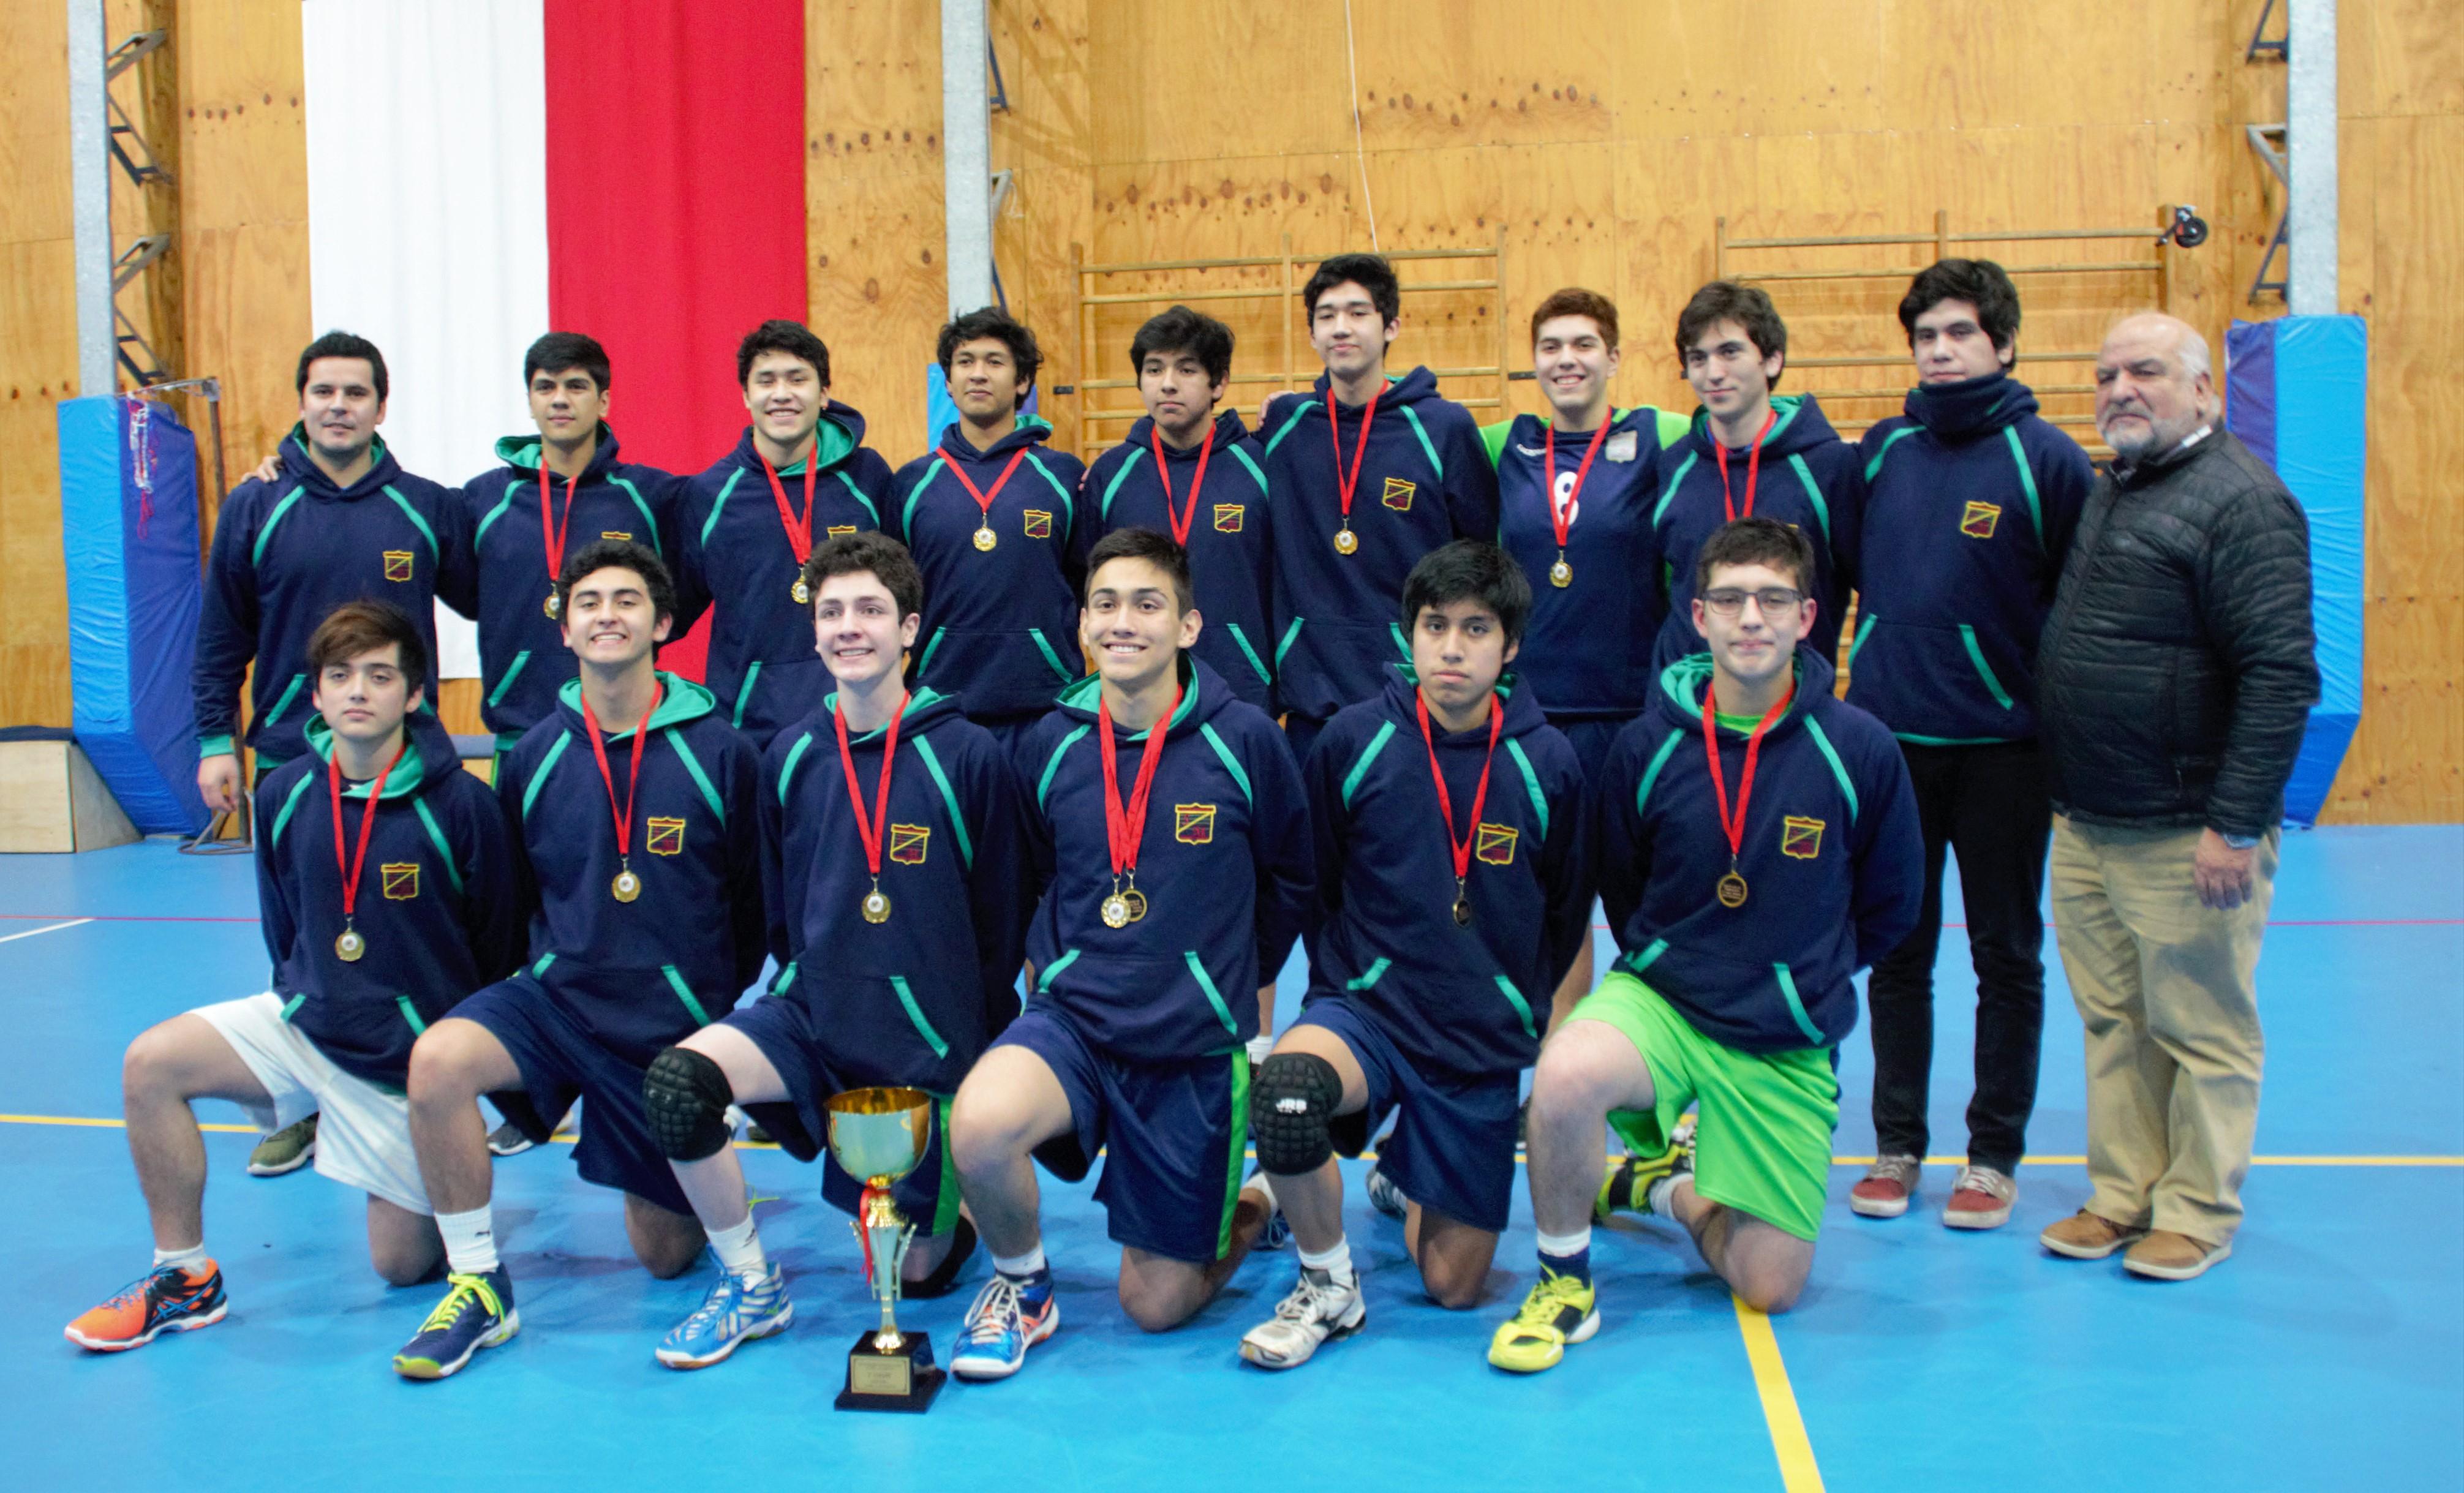 ganadores_varones_Colegio_Domingo_Santa_María